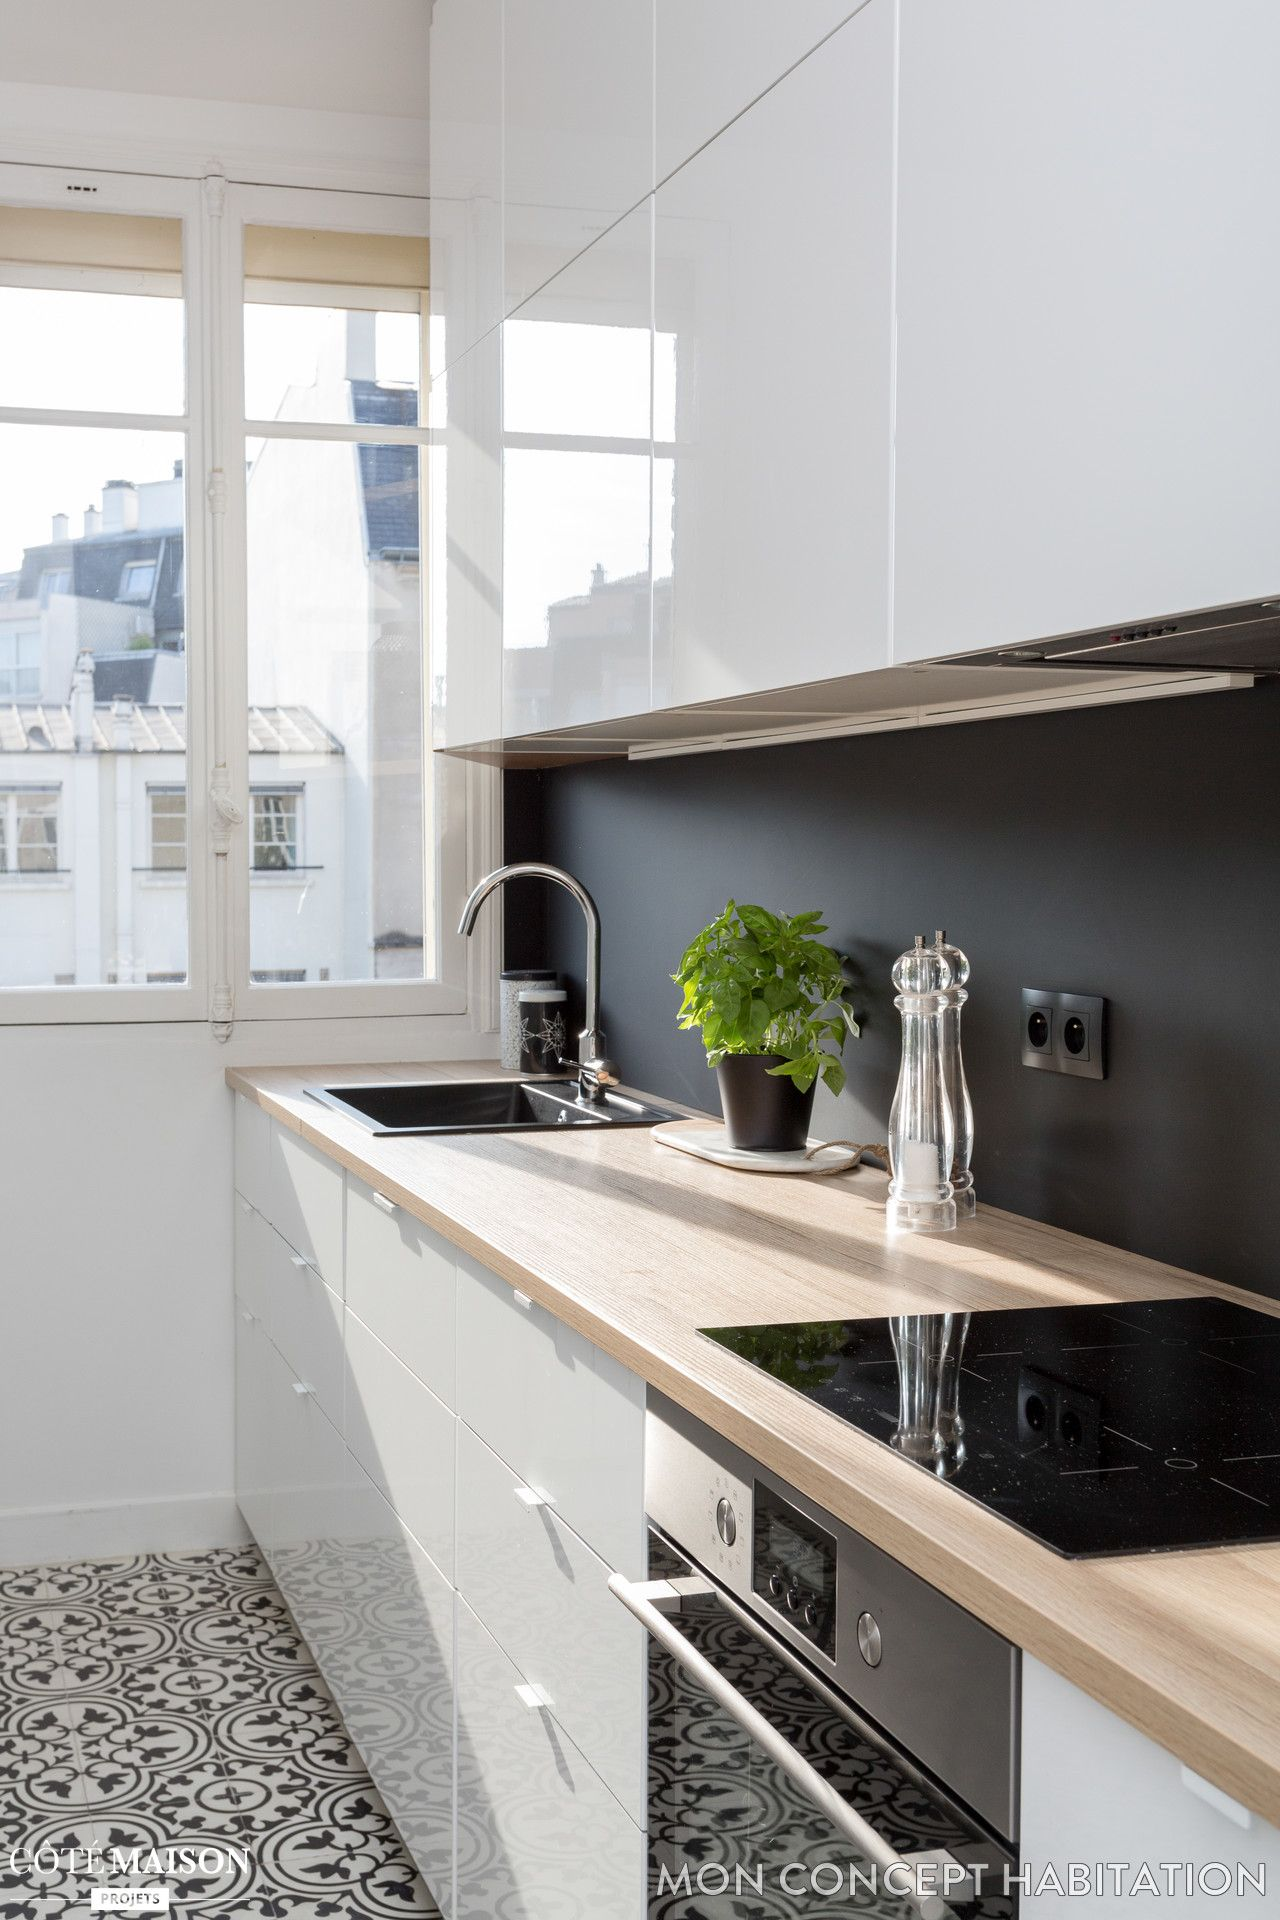 Pin von Mirto Mich auf Cucina! | Pinterest | Küche, Neue küche und ...